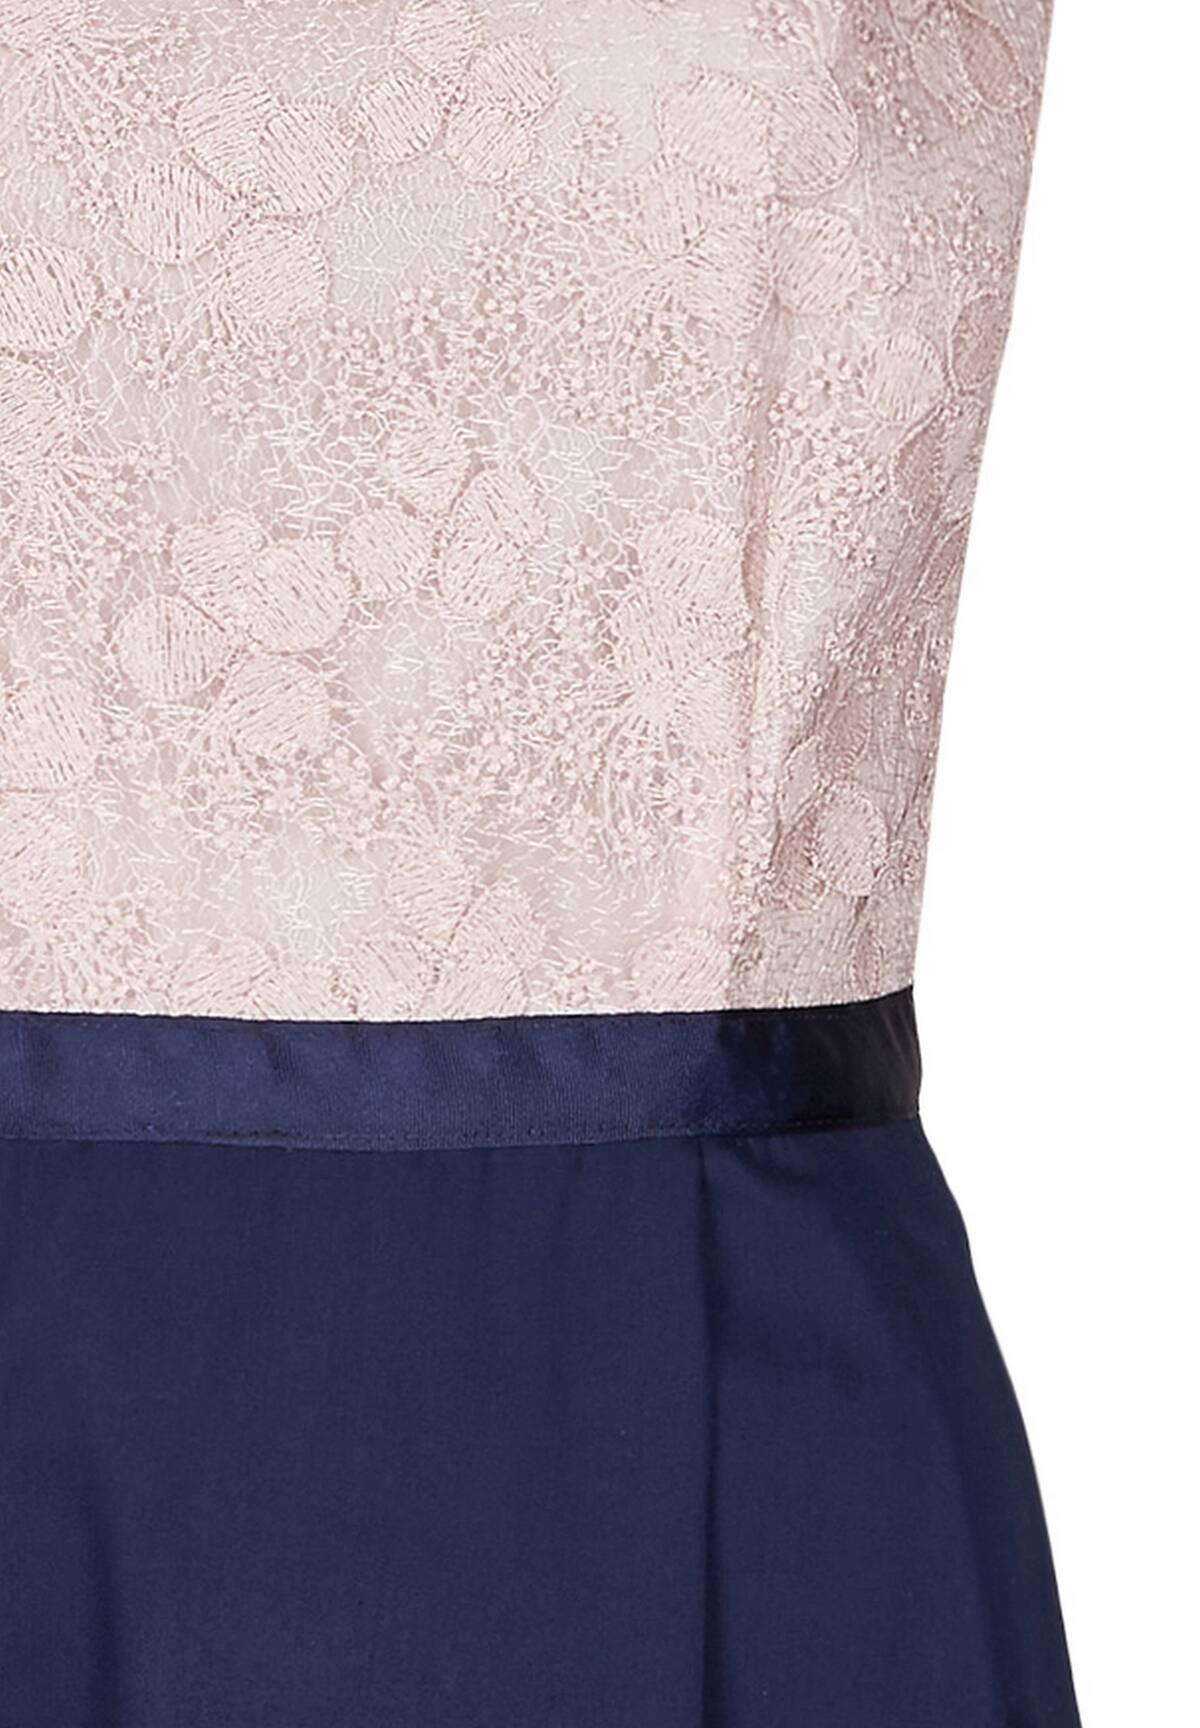 Elegantes Kleid mit Rundhalskragen / Feminine Lace Dress